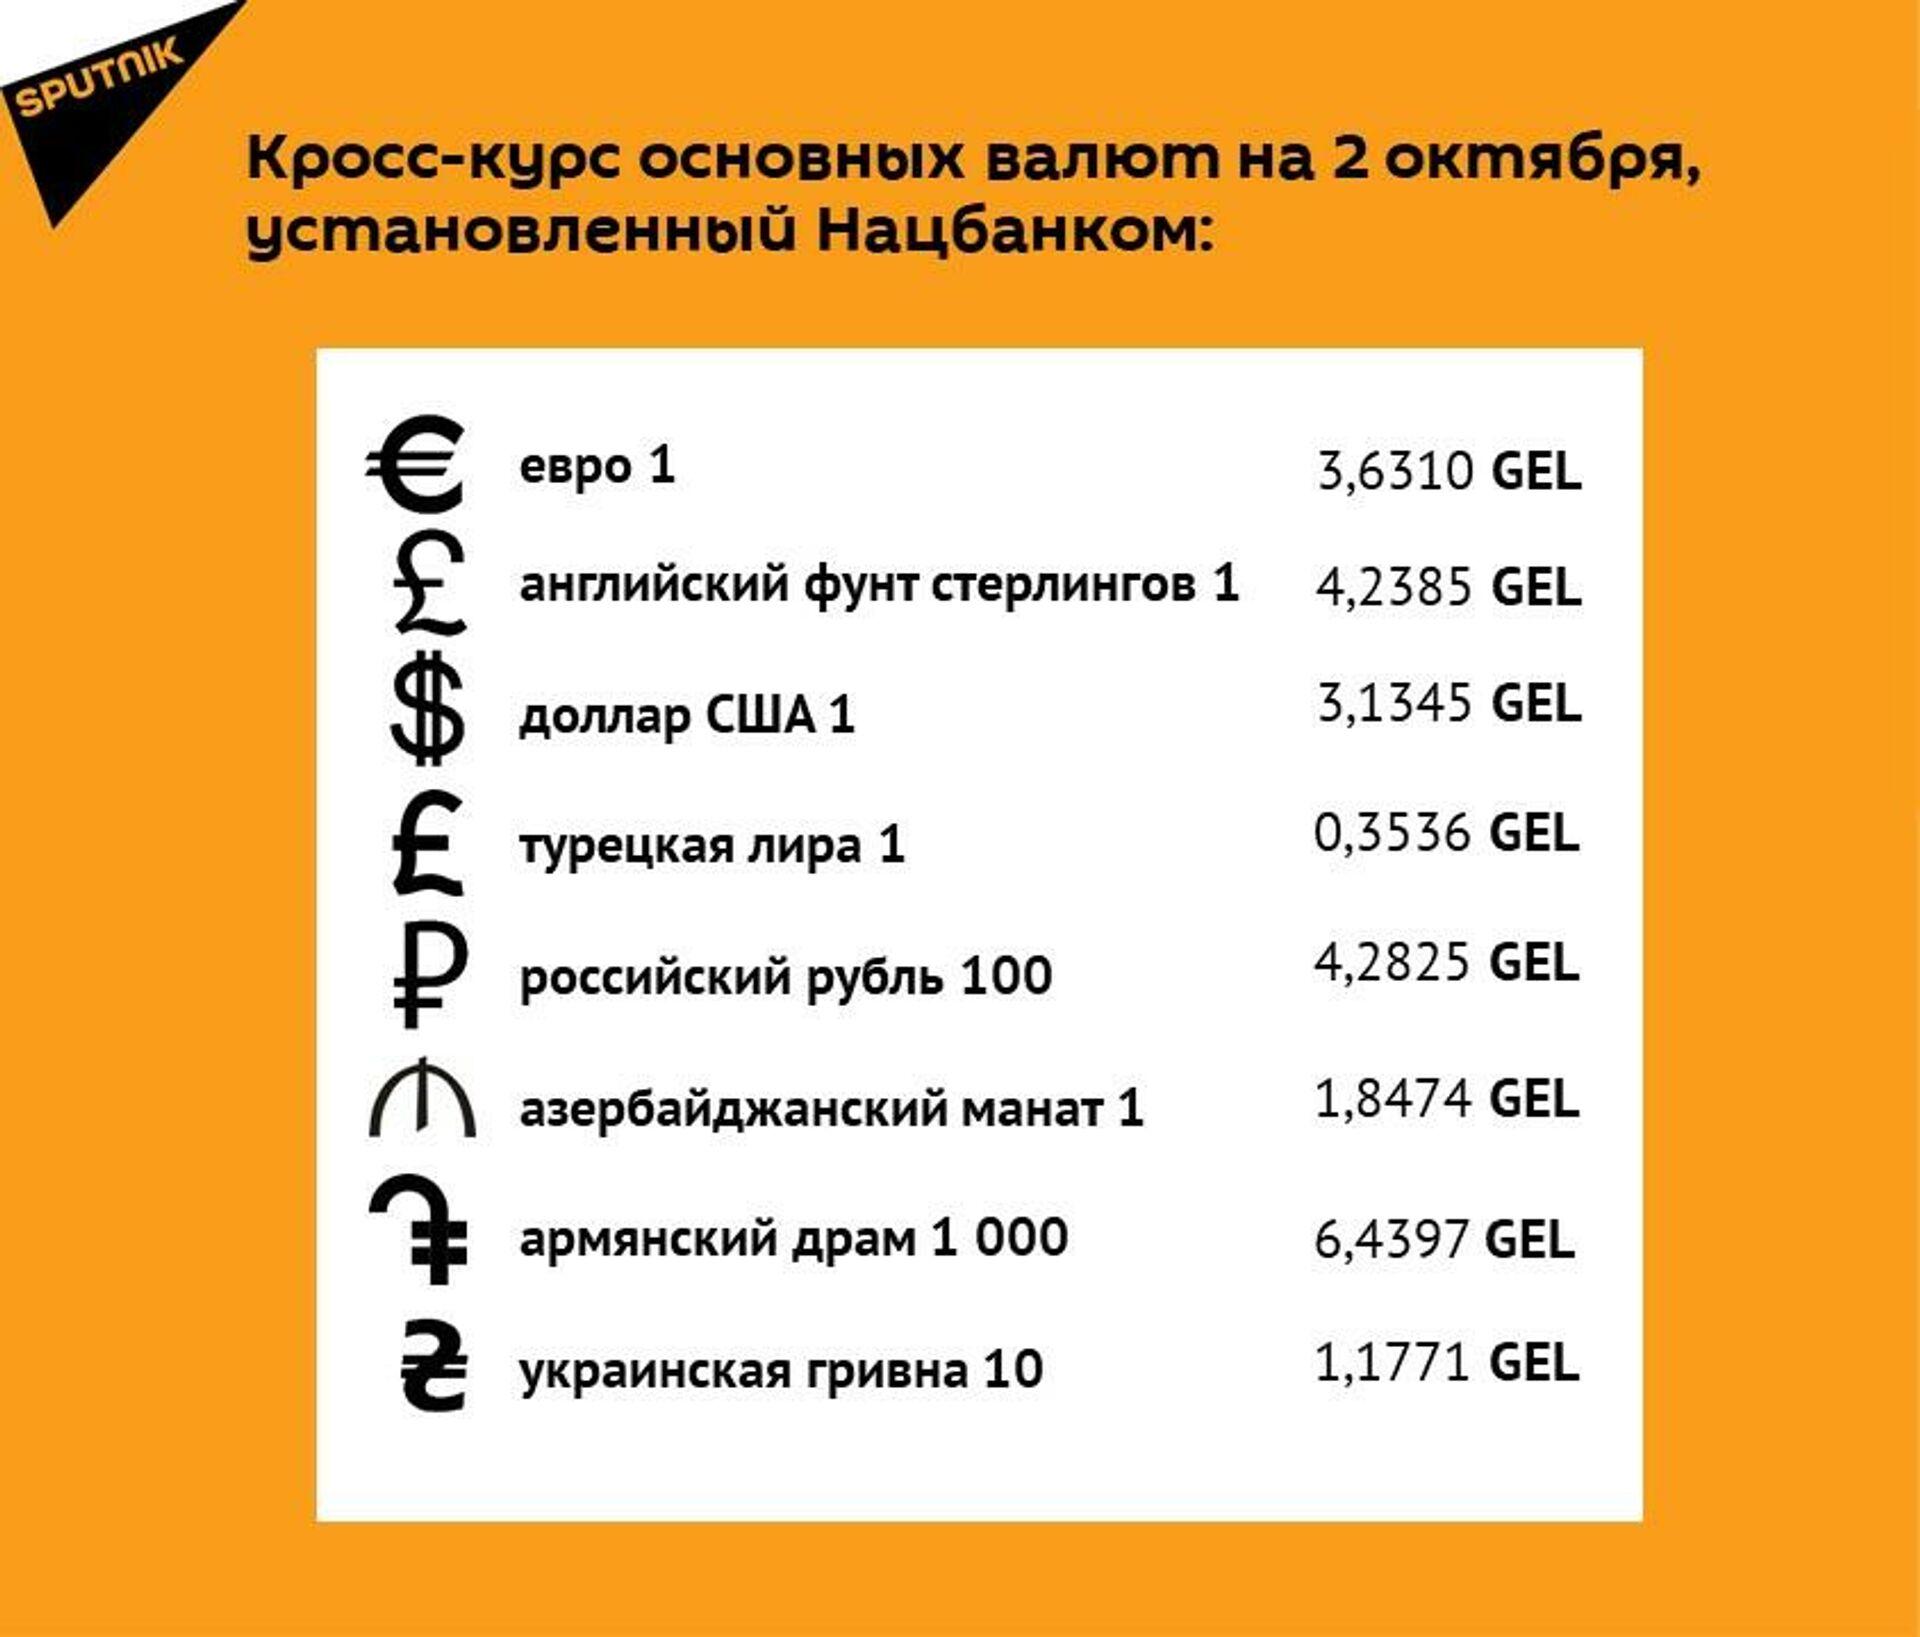 Кросс-курс основных валют на 2 октября - Sputnik Грузия, 1920, 01.10.2021